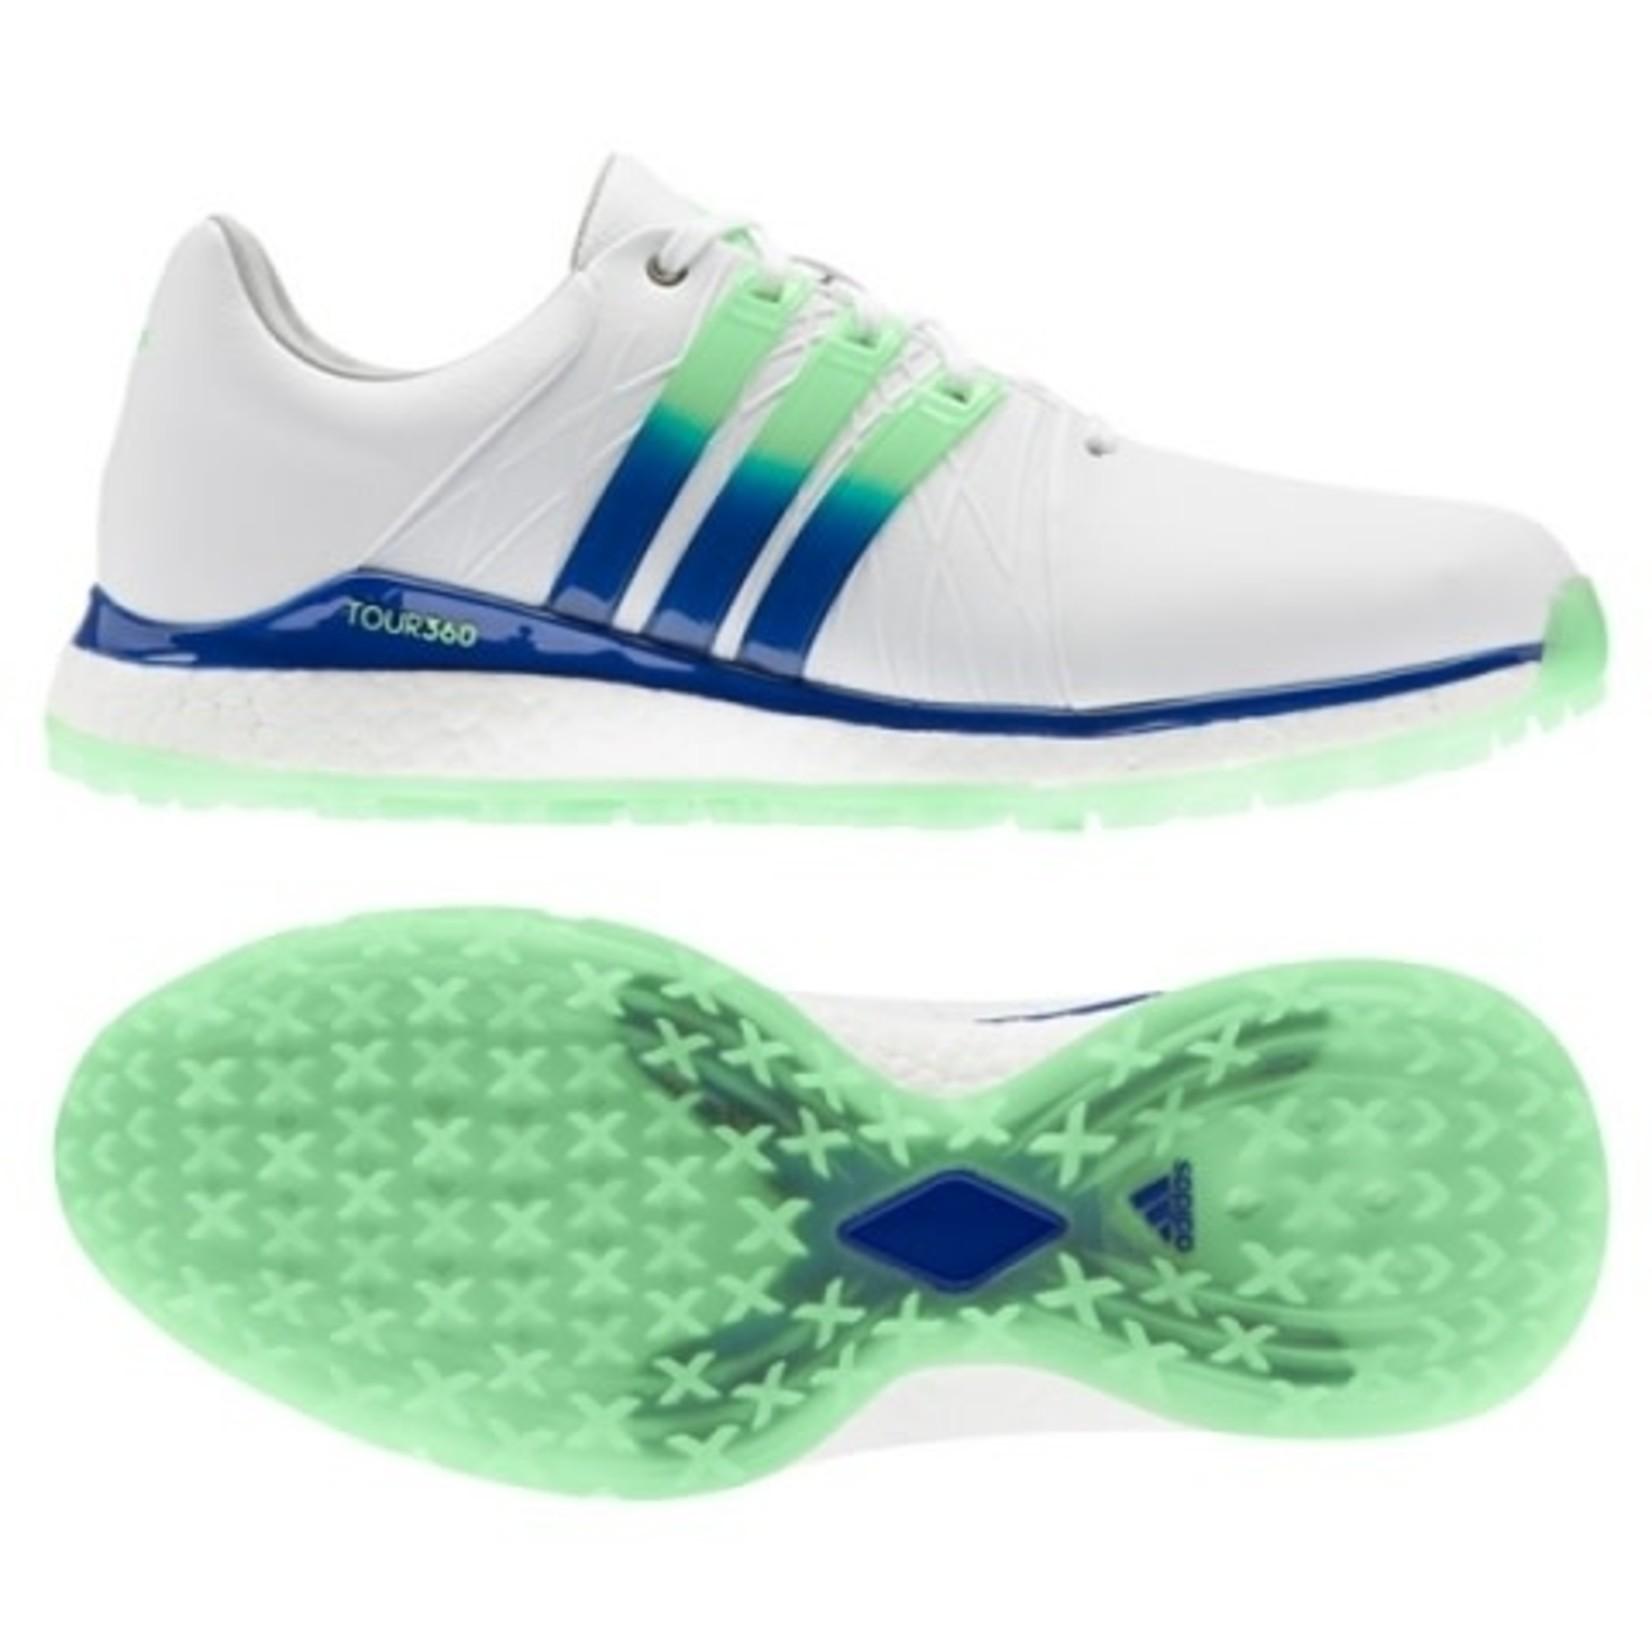 Adidas Adidas W Tour360 XT-SL - White/Royal/Mint